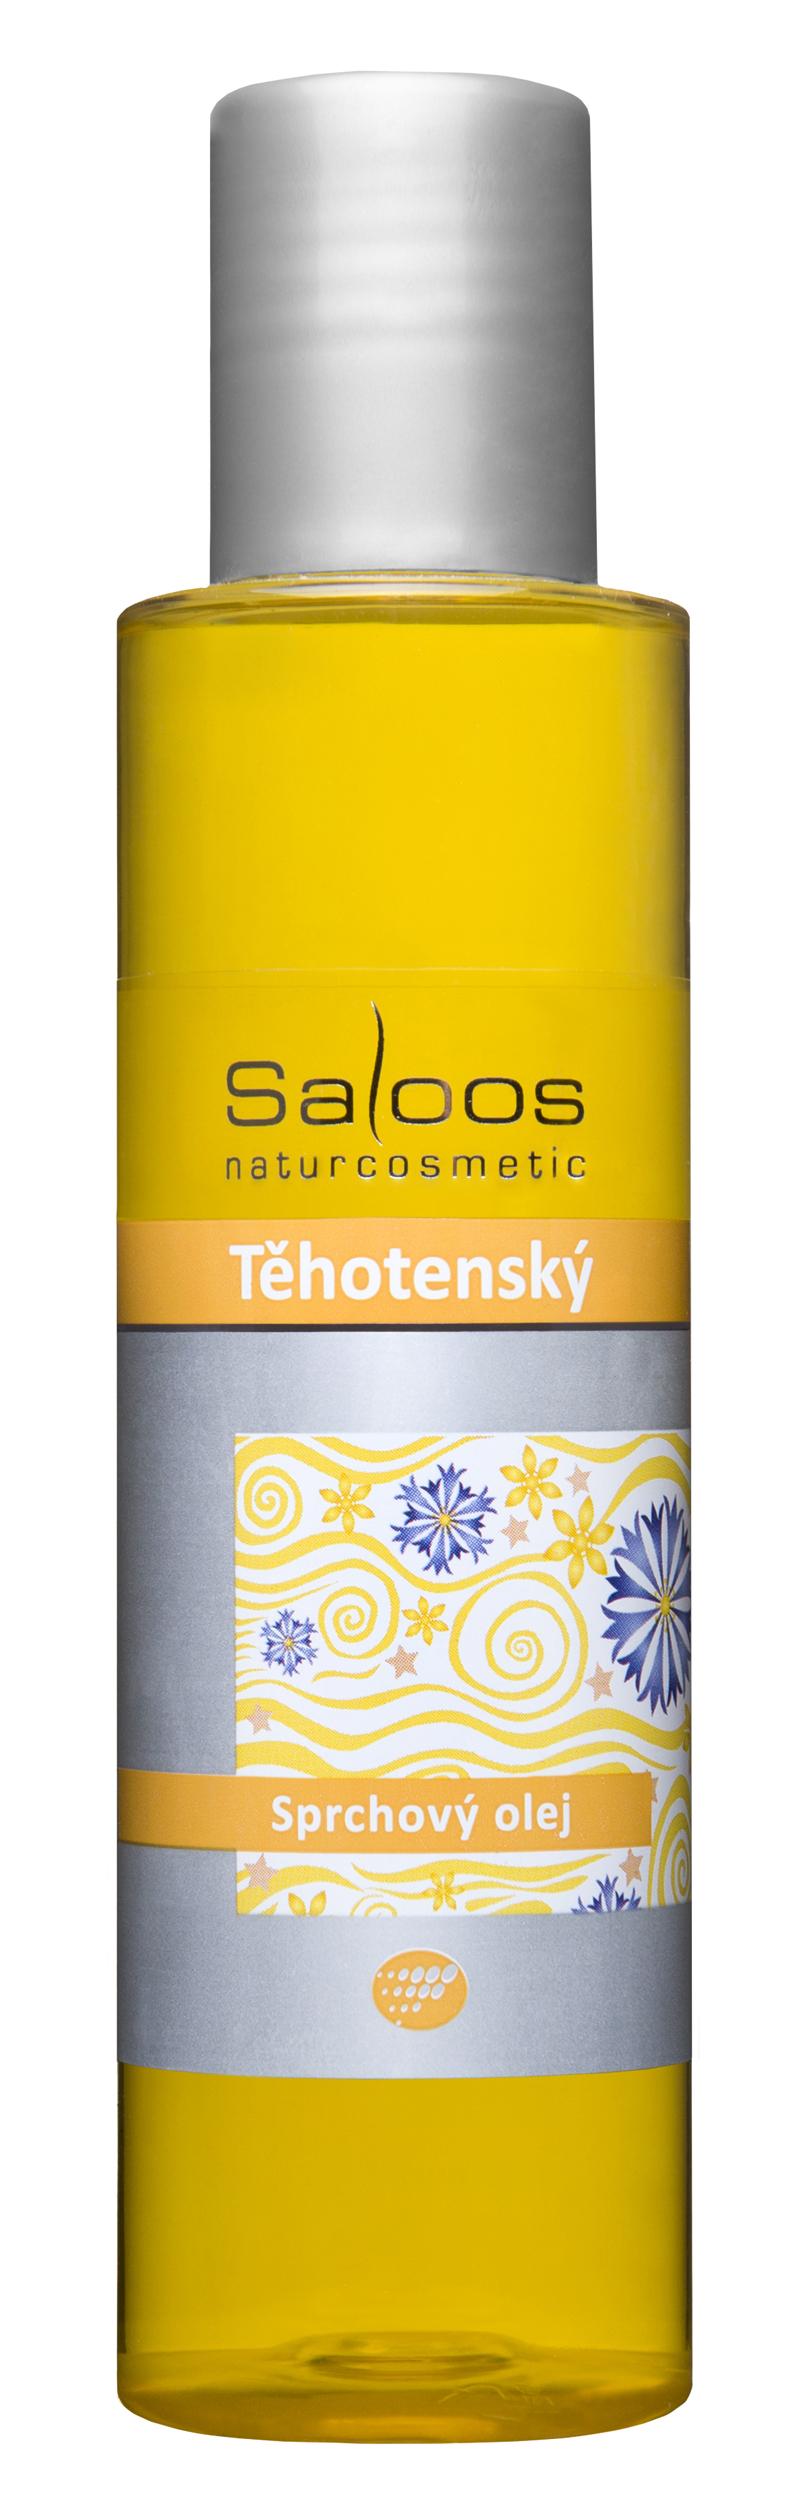 Sprchový olej Těhotenský Objem: 125 ml